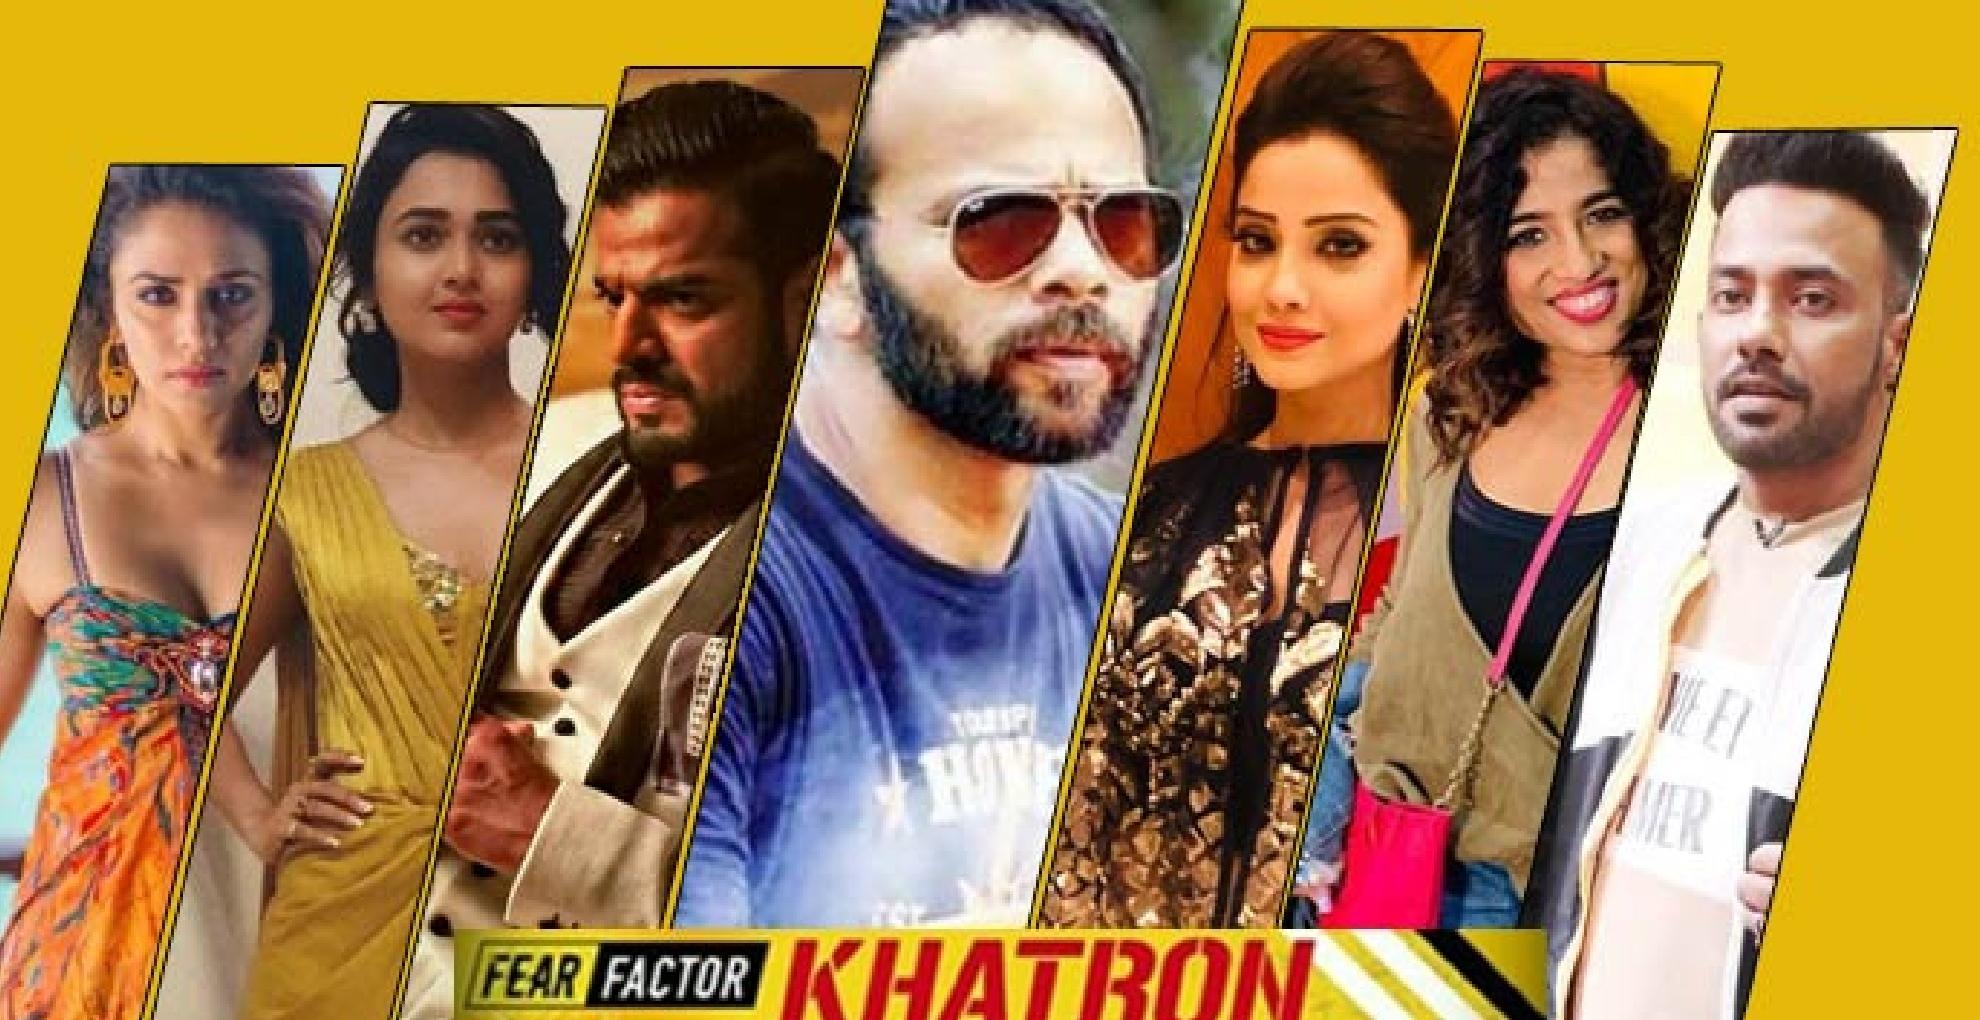 Khatron Ke Khiladi 10: शो को मिले टॉप 3 कंटेस्टेंट, ये एक्ट्रेस हो सकती हैं इस सीजन की विनर